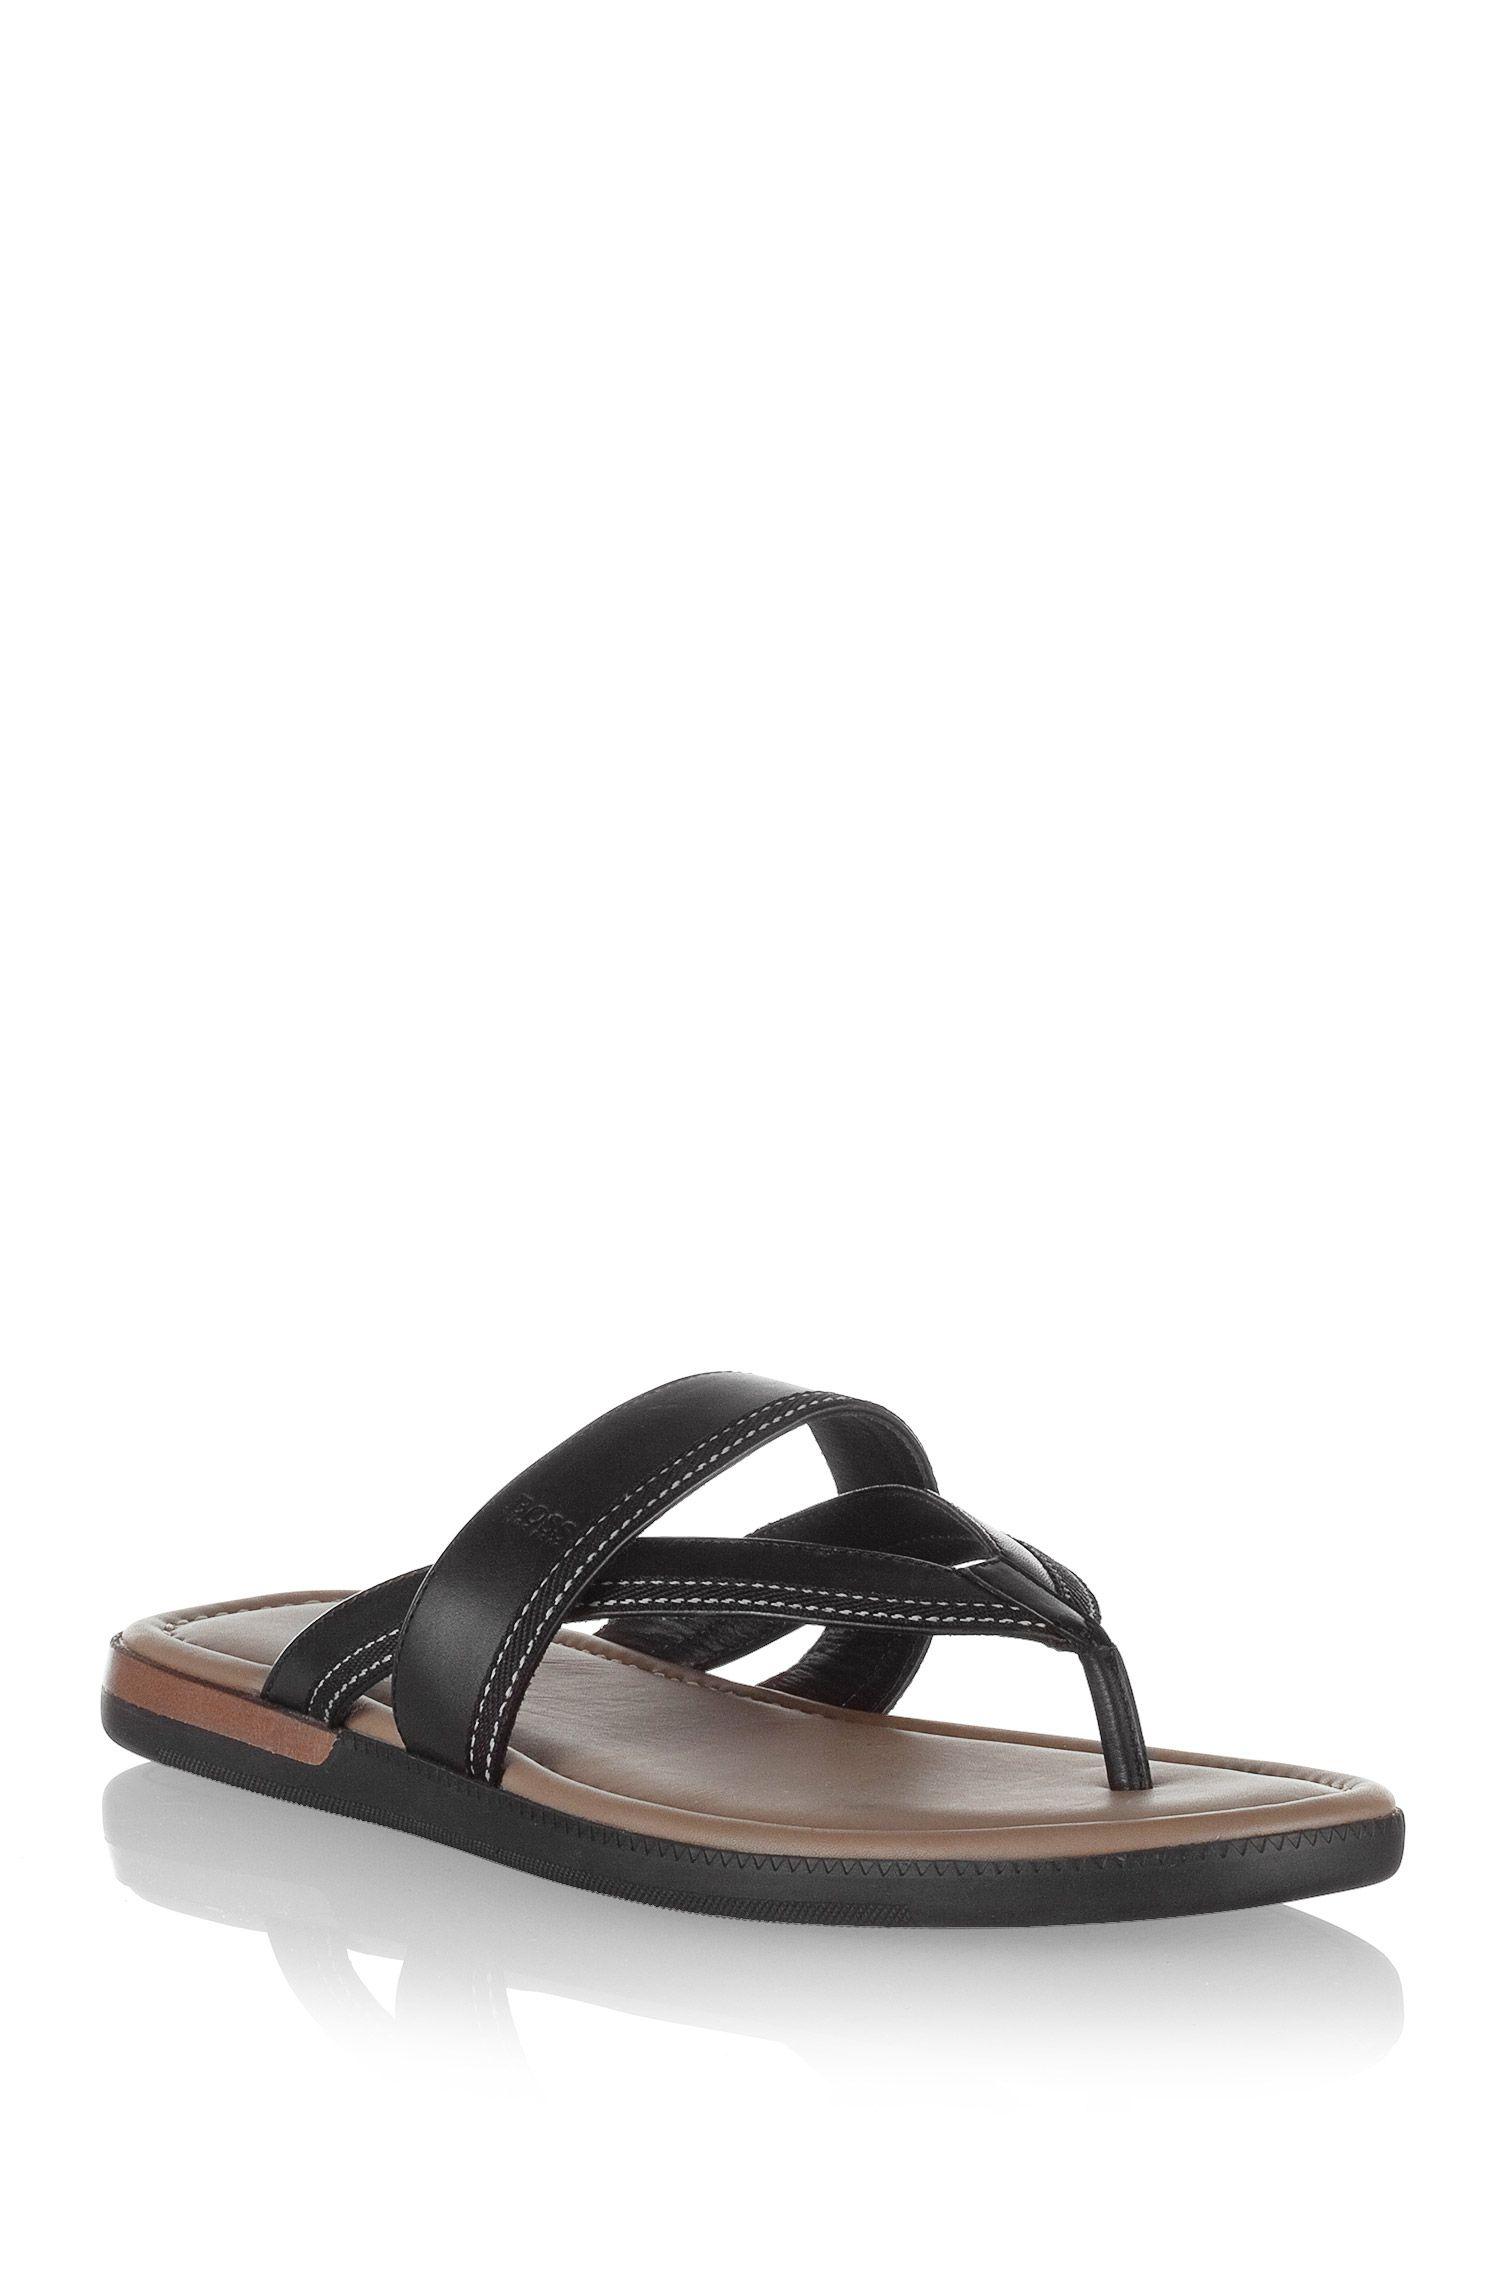 Sandales en cuir, MELLERO